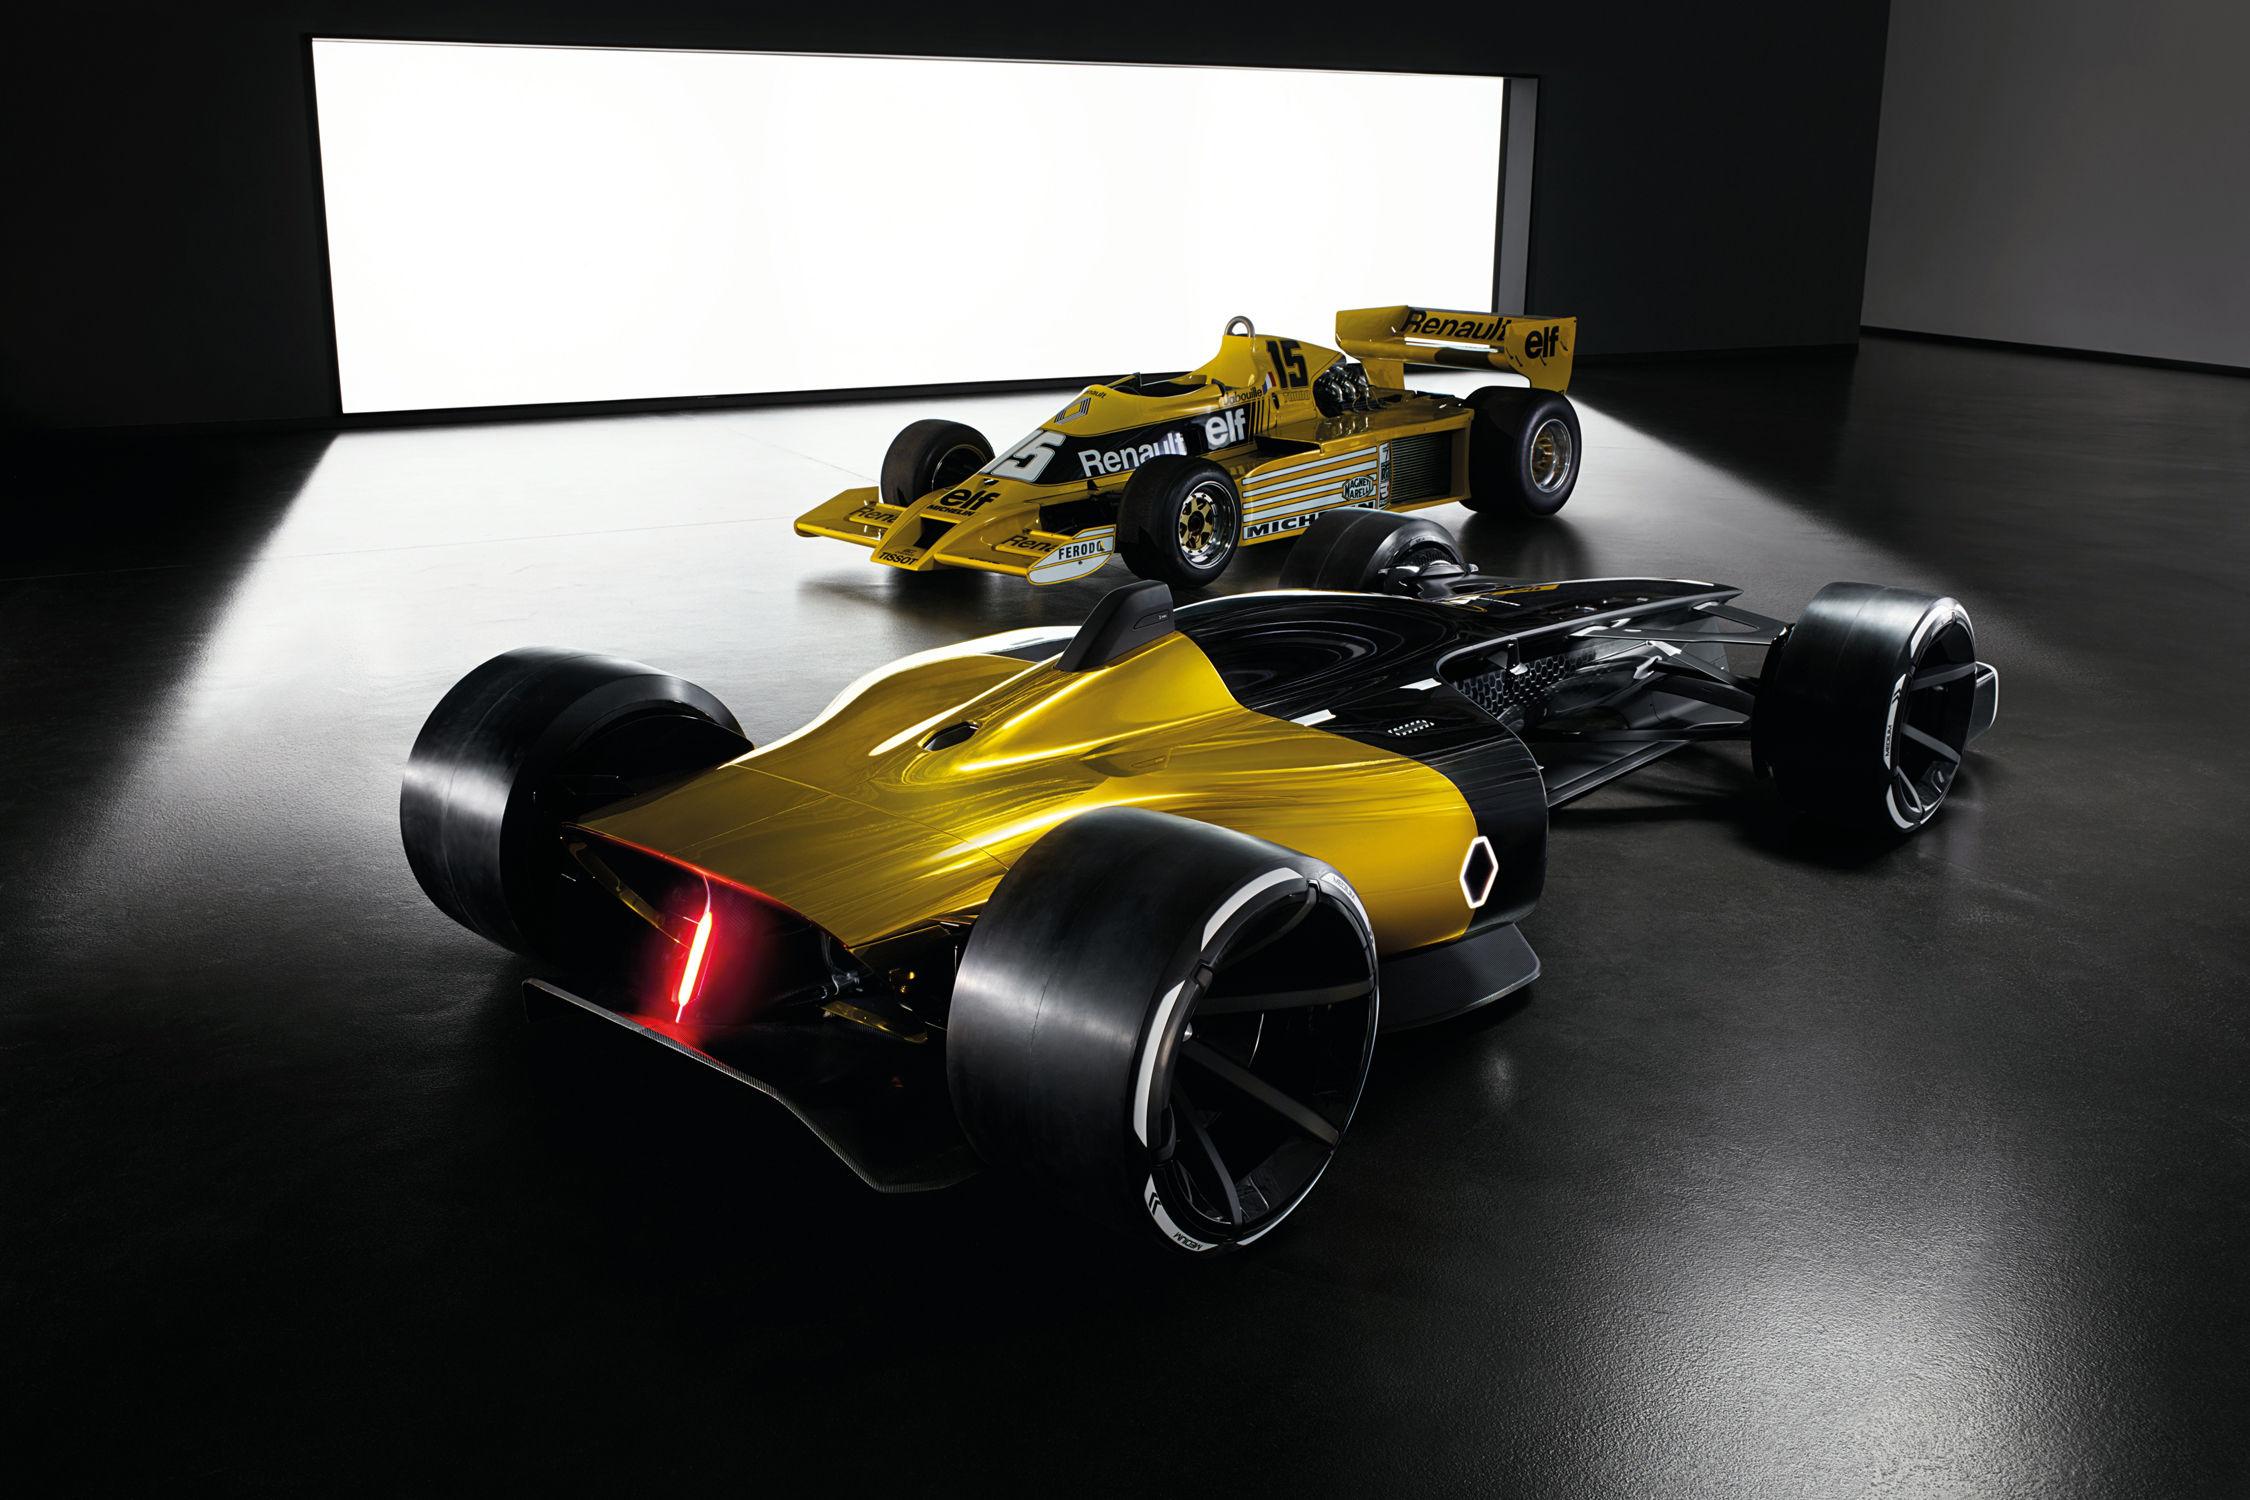 F1 du futur: Renault veut recréer du lien avec les spectateurs